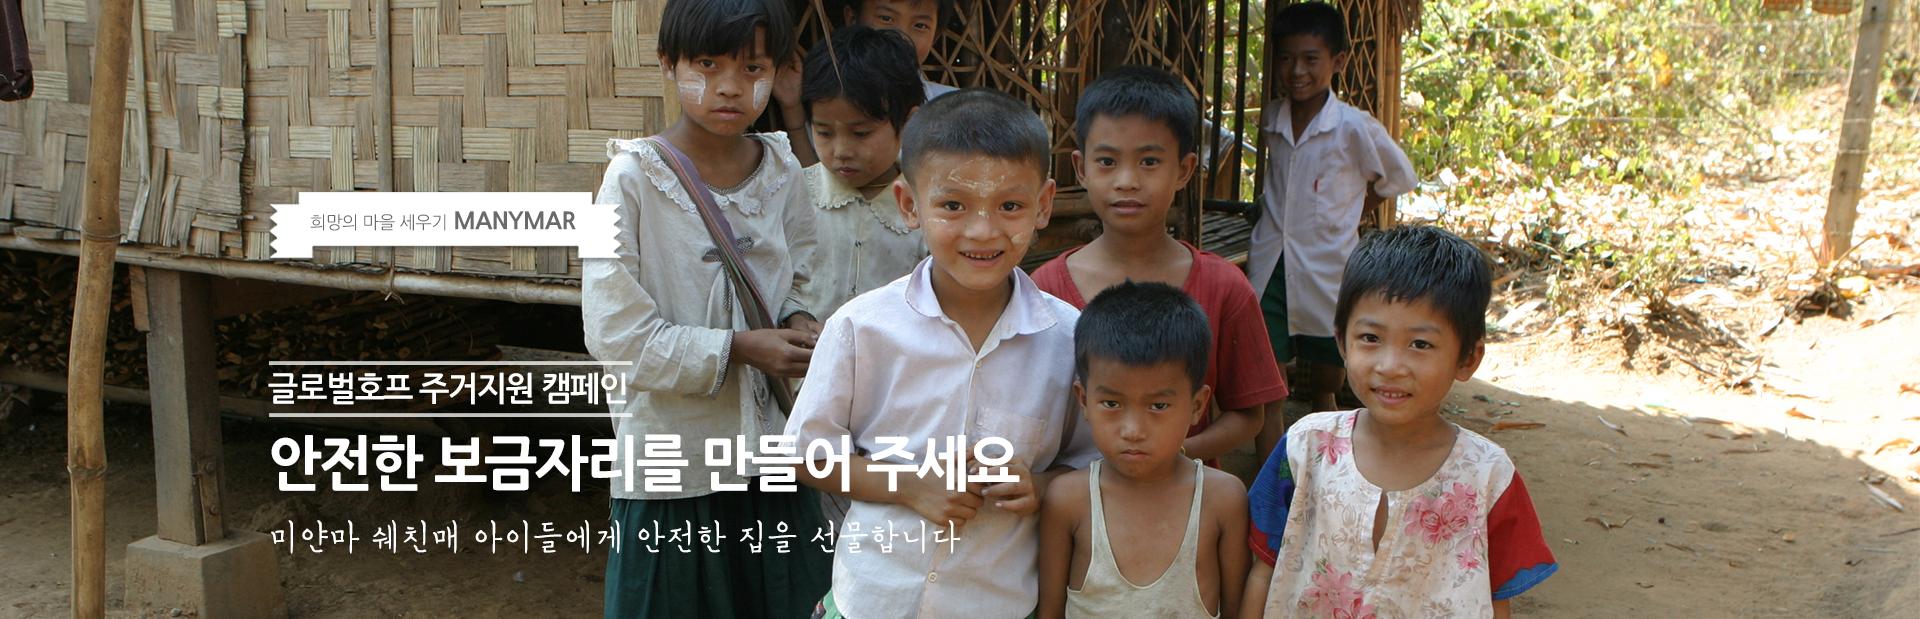 1. 미얀마_쉐친매 증축,개보수.jpg